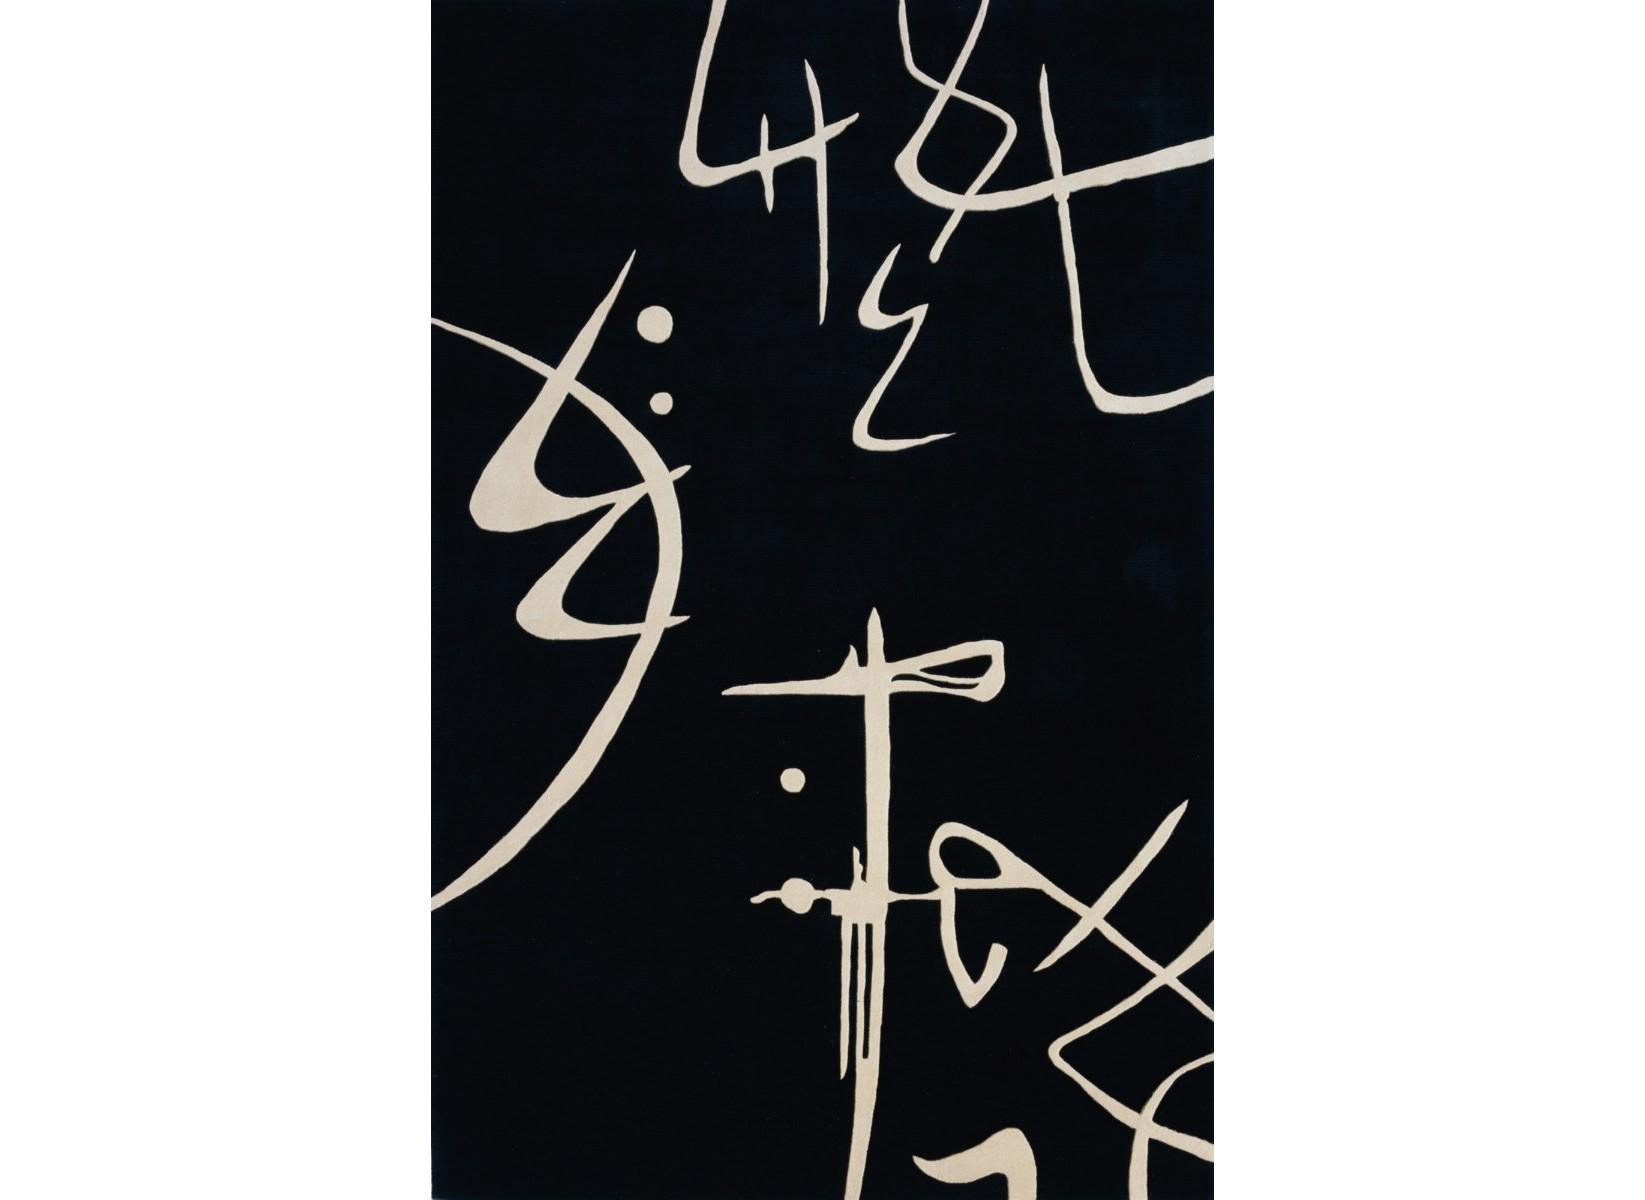 Ковер Haruki 240x330Прямоугольные ковры<br><br><br>Material: Шерсть<br>Ширина см: 240<br>Глубина см: 330